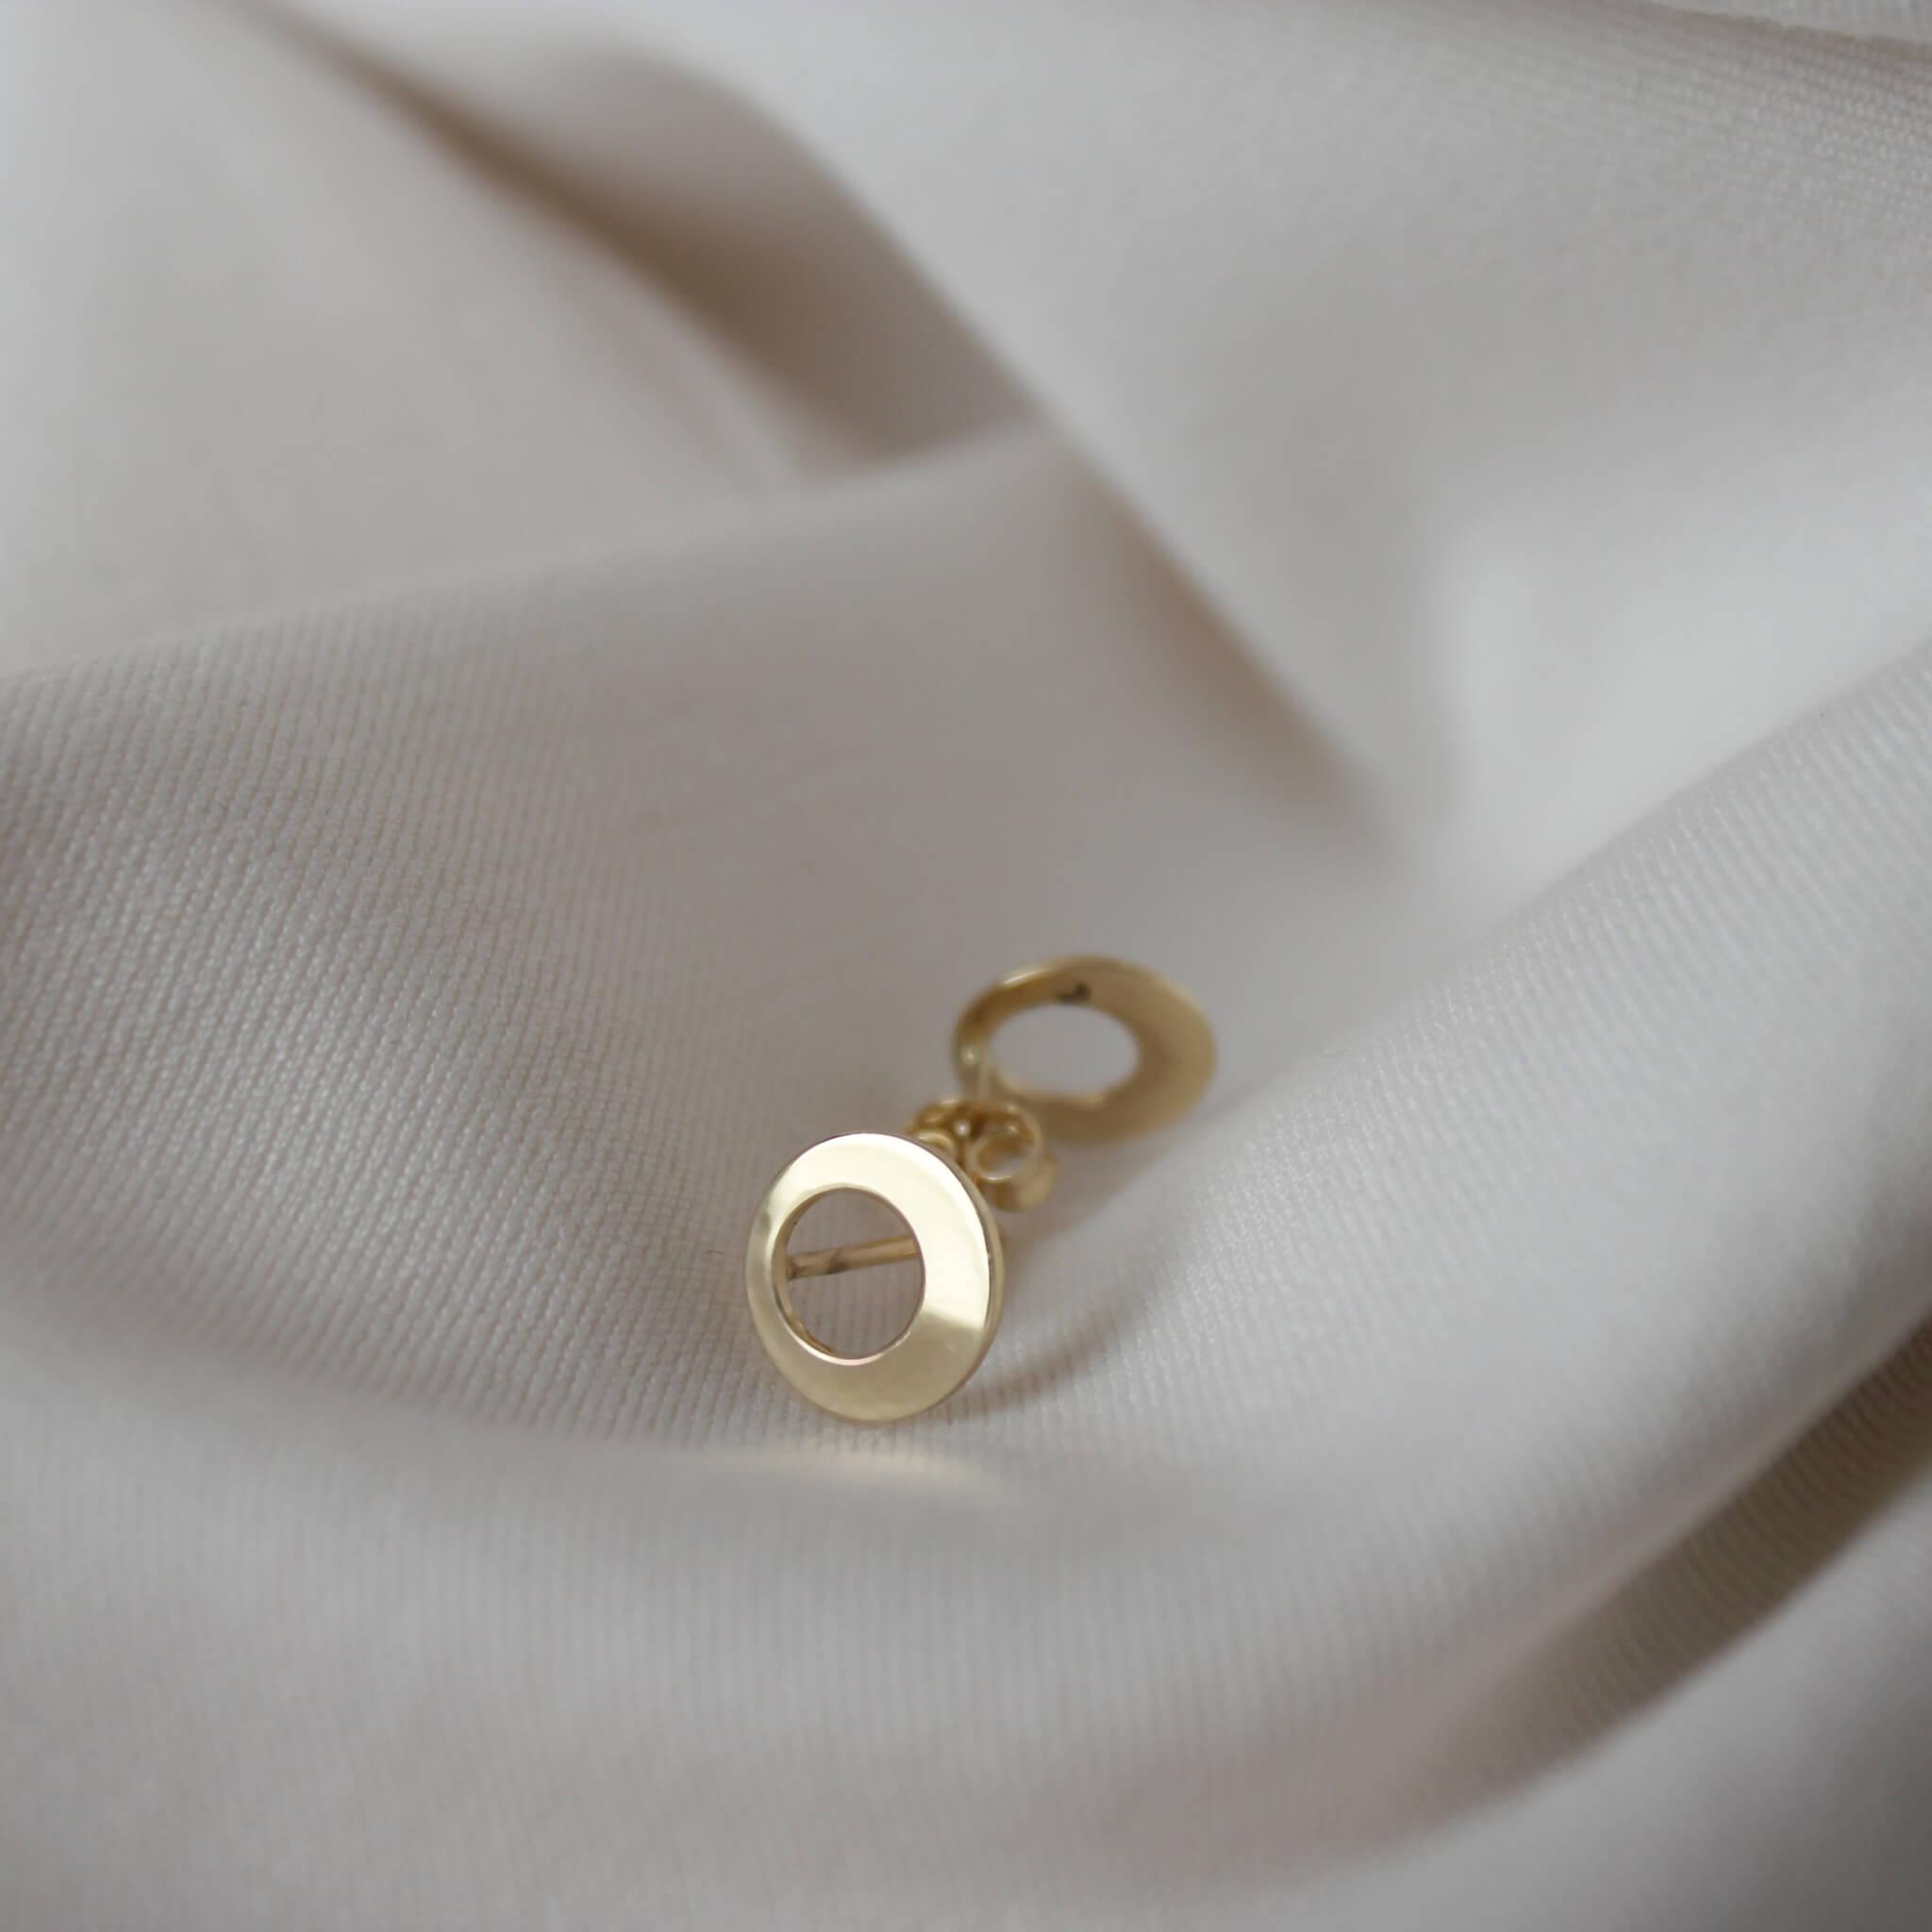 Delikatne złote kolczyki na jasnym materiale.